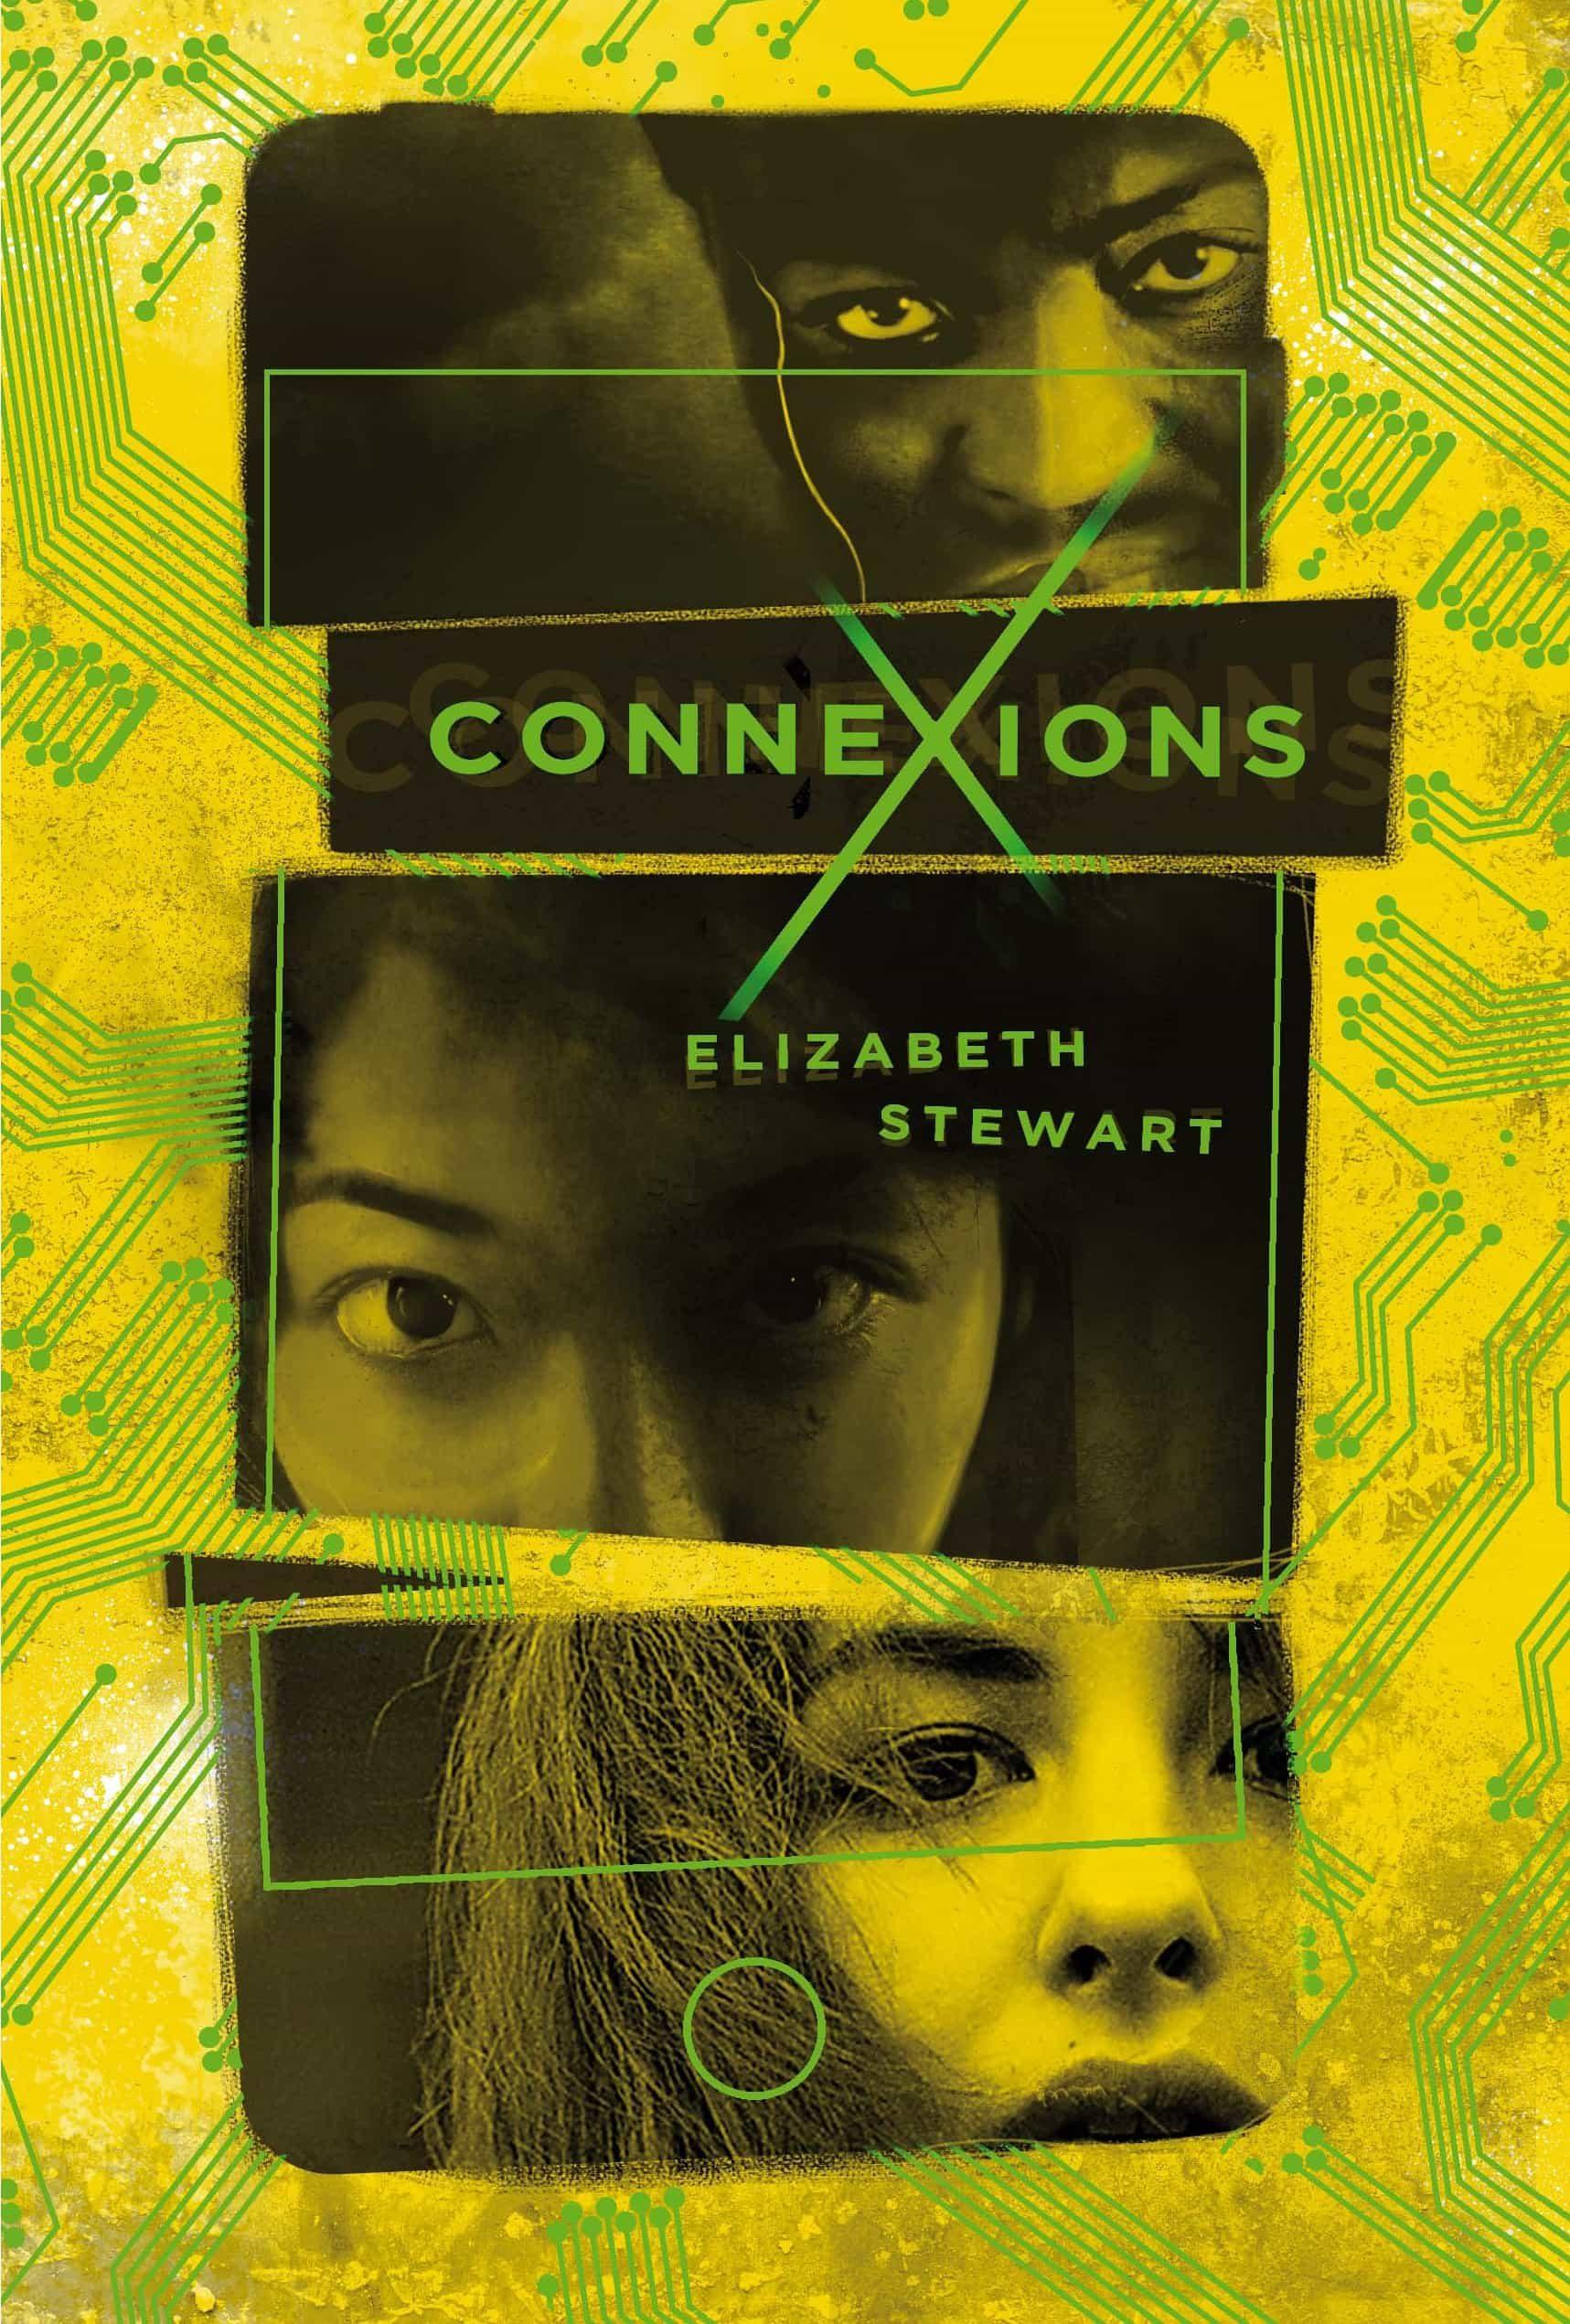 connexions-elizabeth stewart-9788466138741